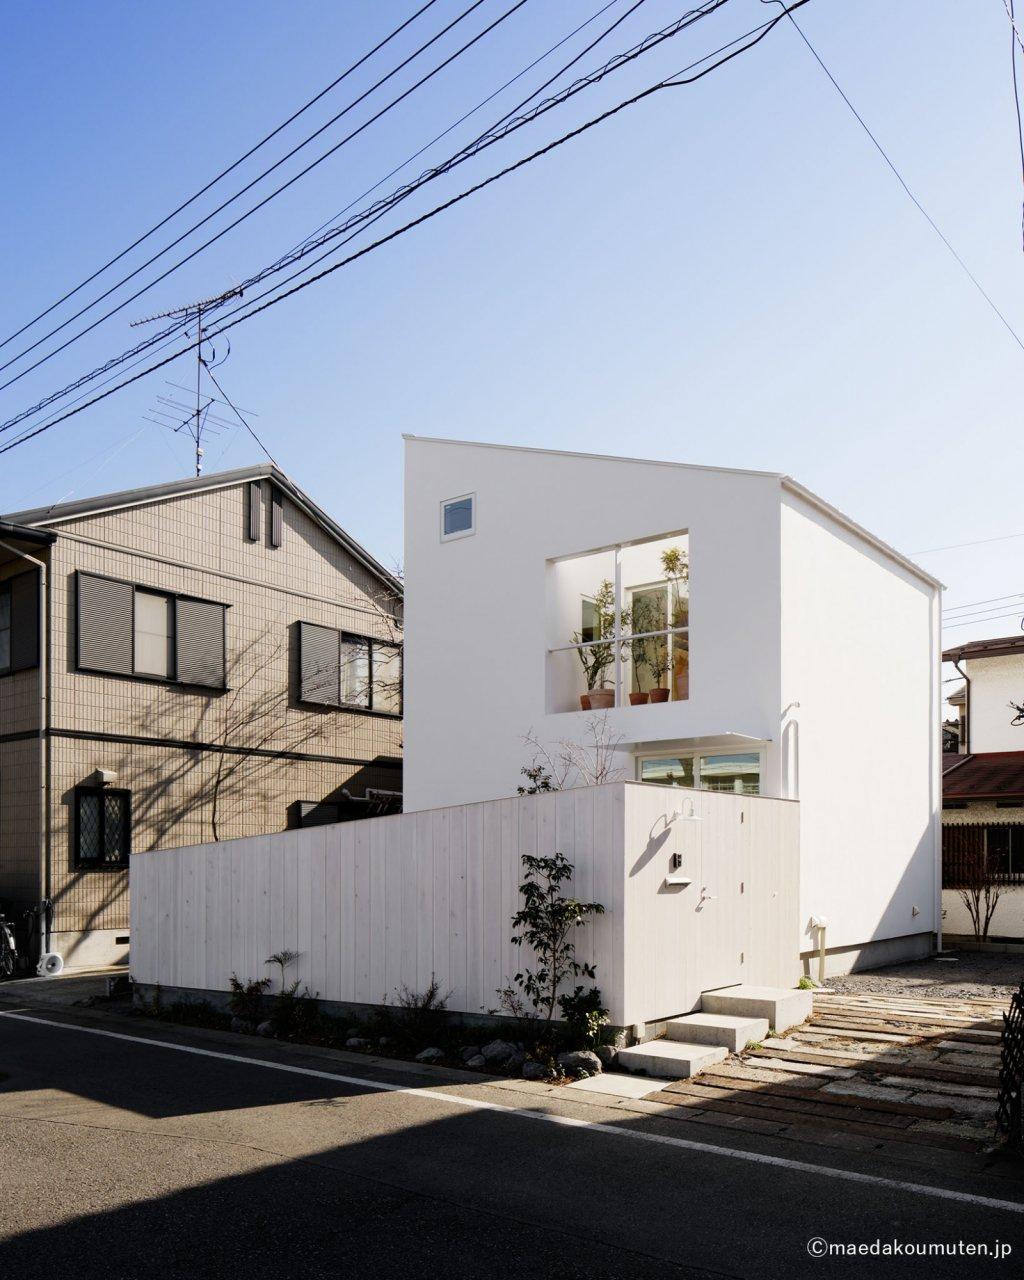 神奈川、注文住宅、前田工務店、小さな家、01